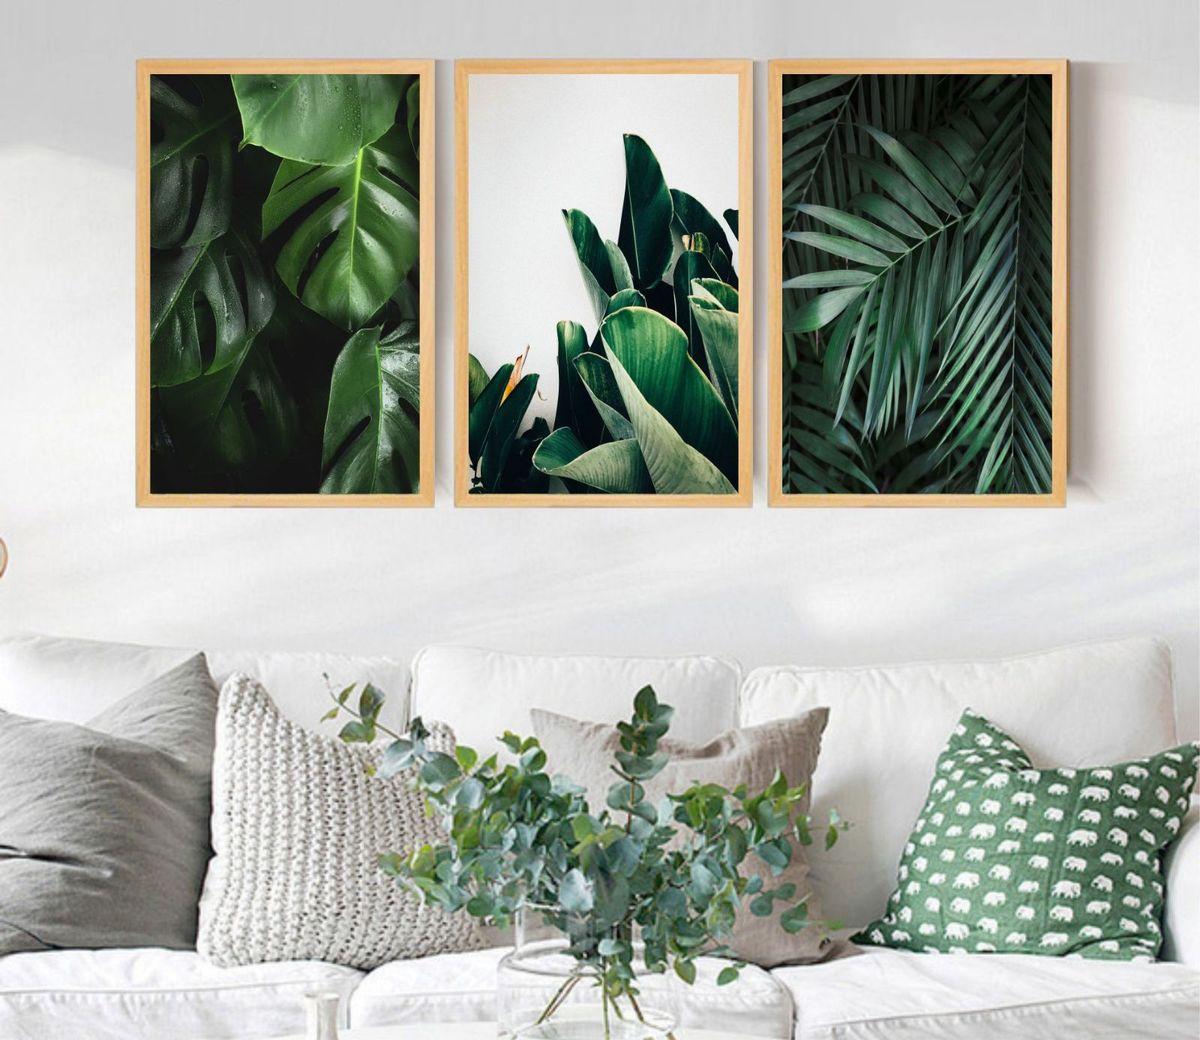 quadro moldura folhas verdes folhagens lindo - decoração udinese quadros